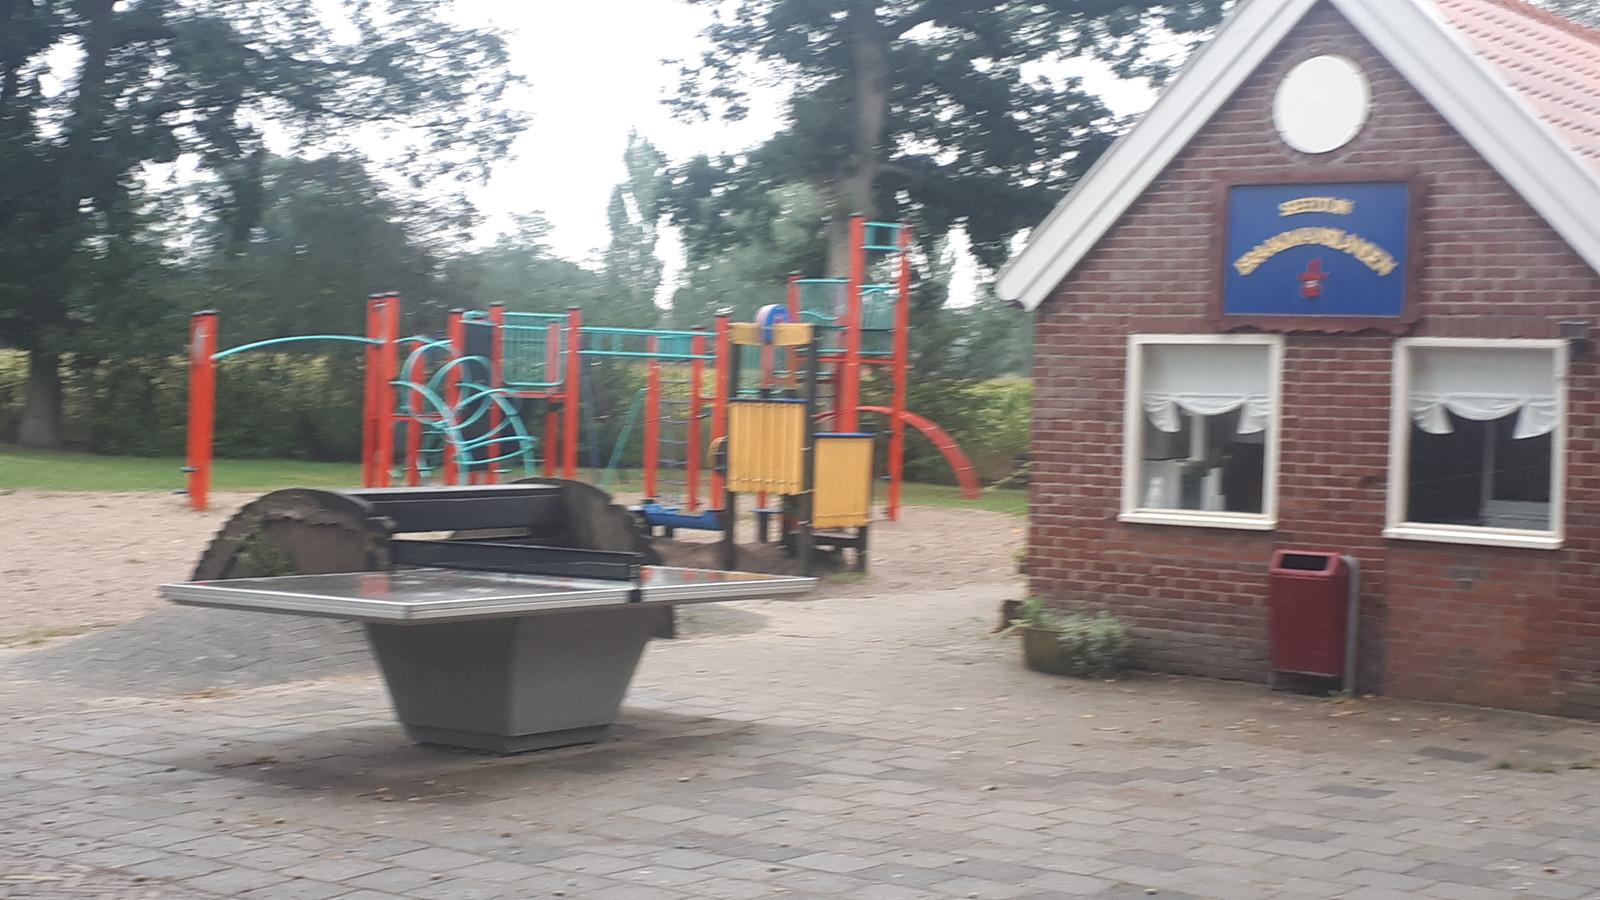 De speeltuin aan de Keizersdijk in de wijk Braakmanslanden in Rijssen.